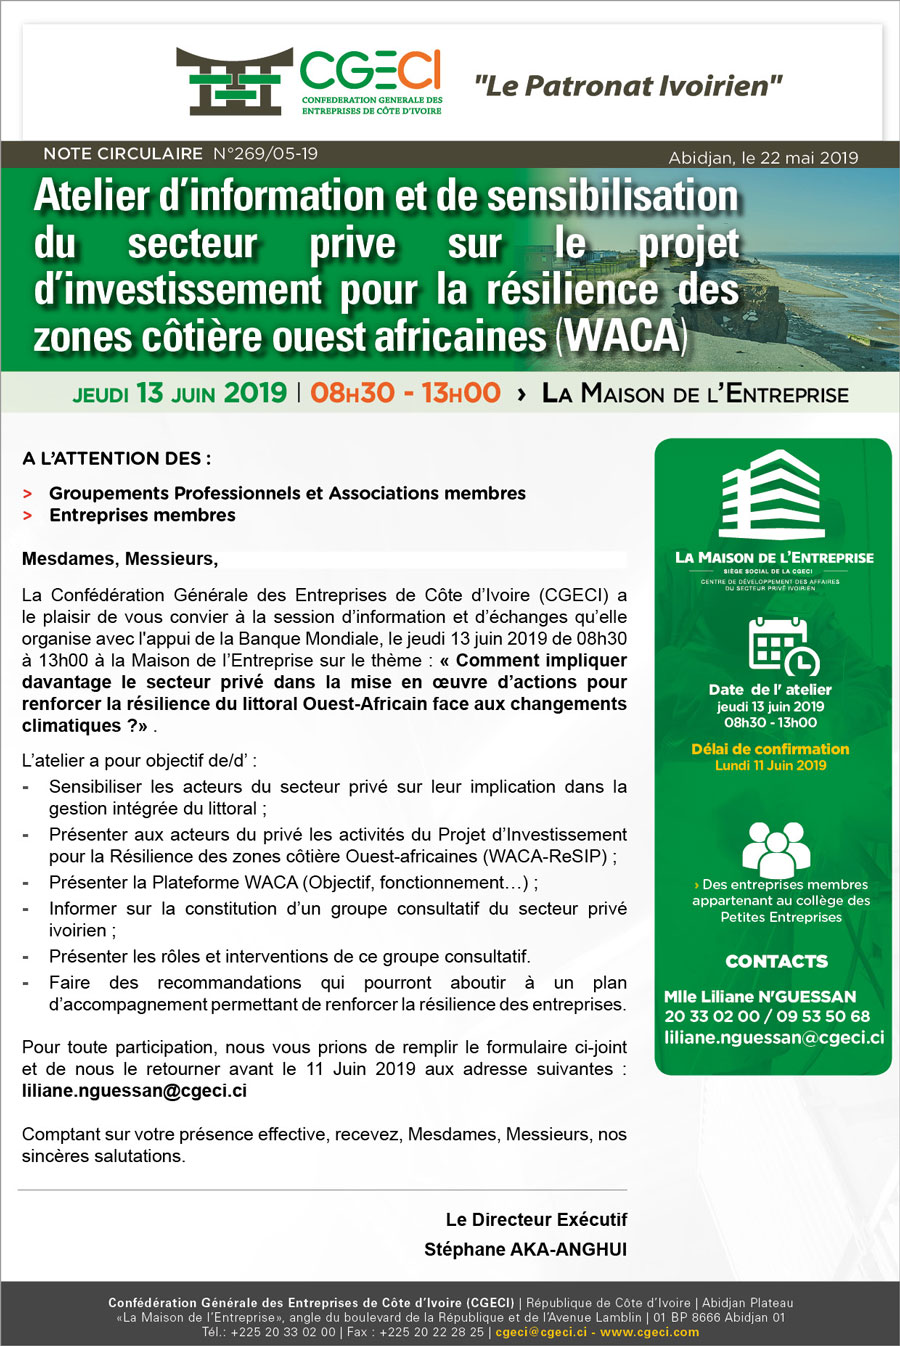 TR: Atelier d'information et de sensibilisation du secteur prive sur le projet d'investissement pour la résilience des zones côtière ouest africaines (WACA)